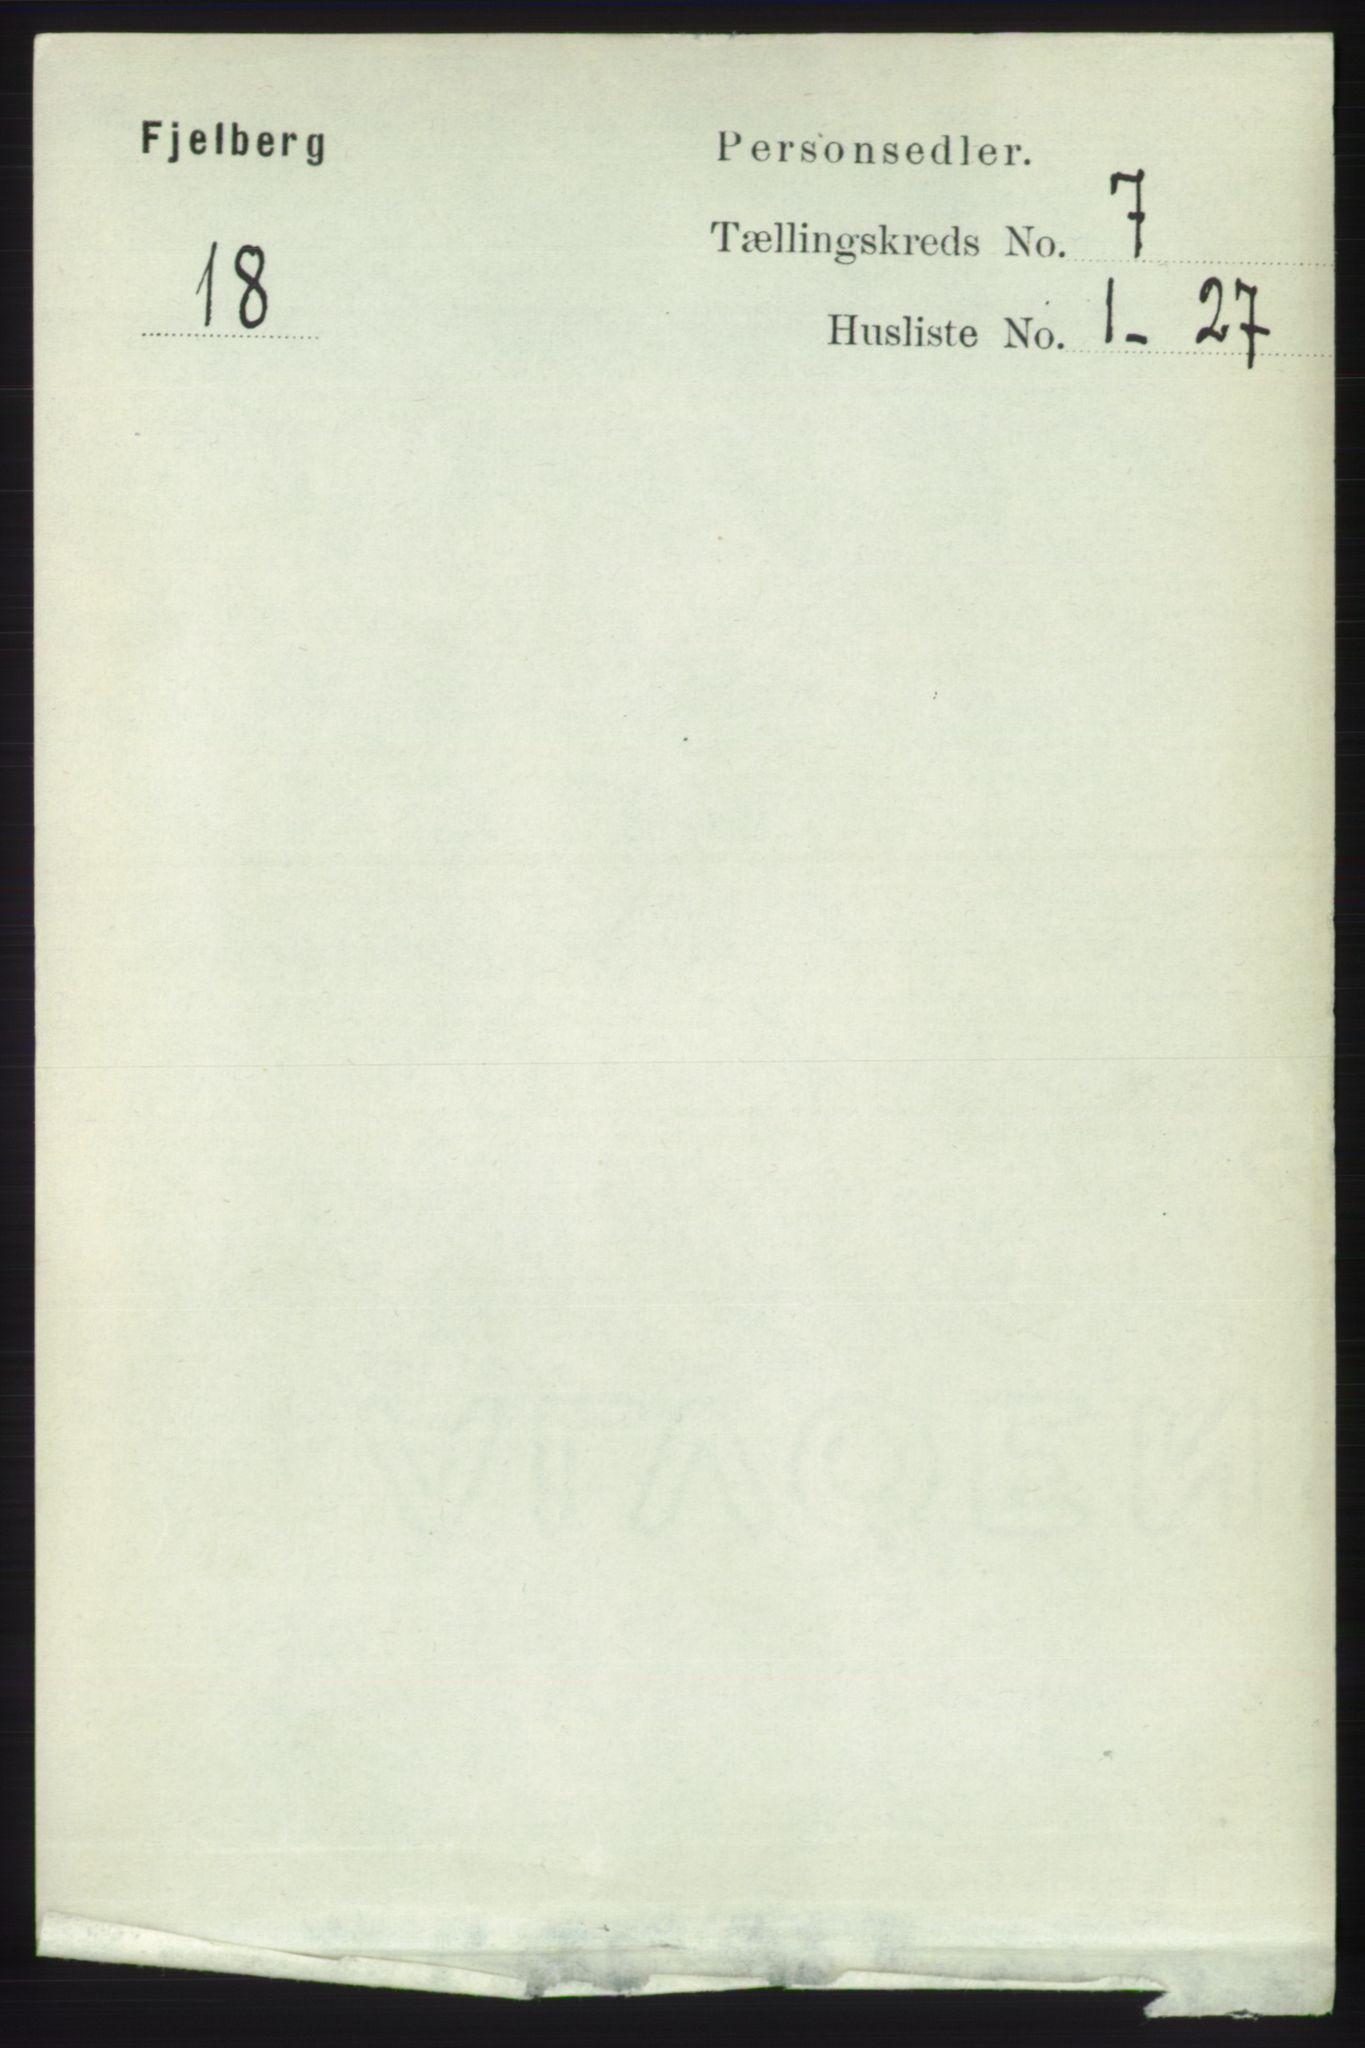 RA, Folketelling 1891 for 1213 Fjelberg herred, 1891, s. 2397